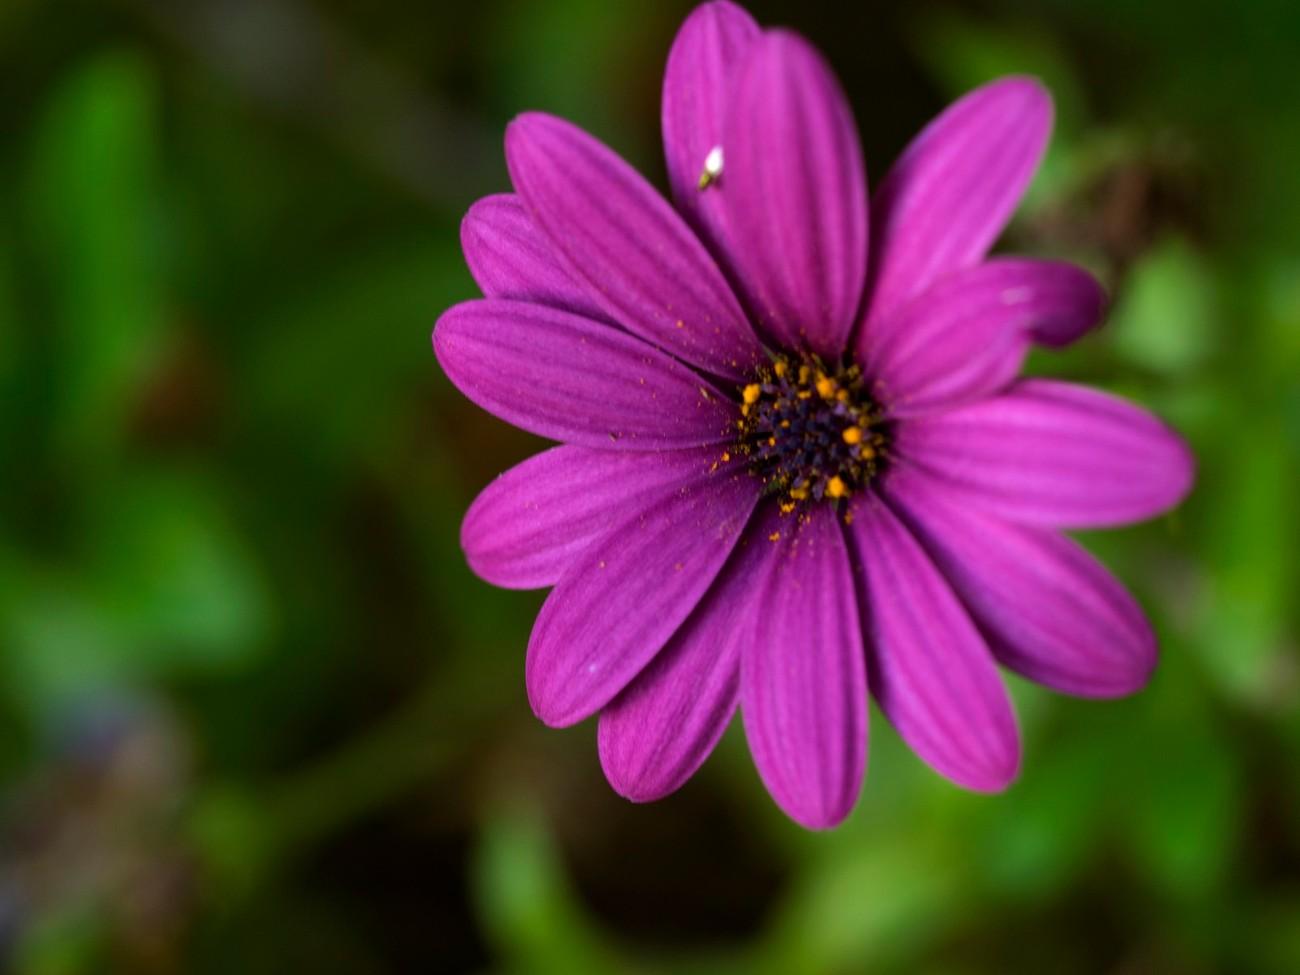 just a simple single purple daisy macro bokeh shot from my garden